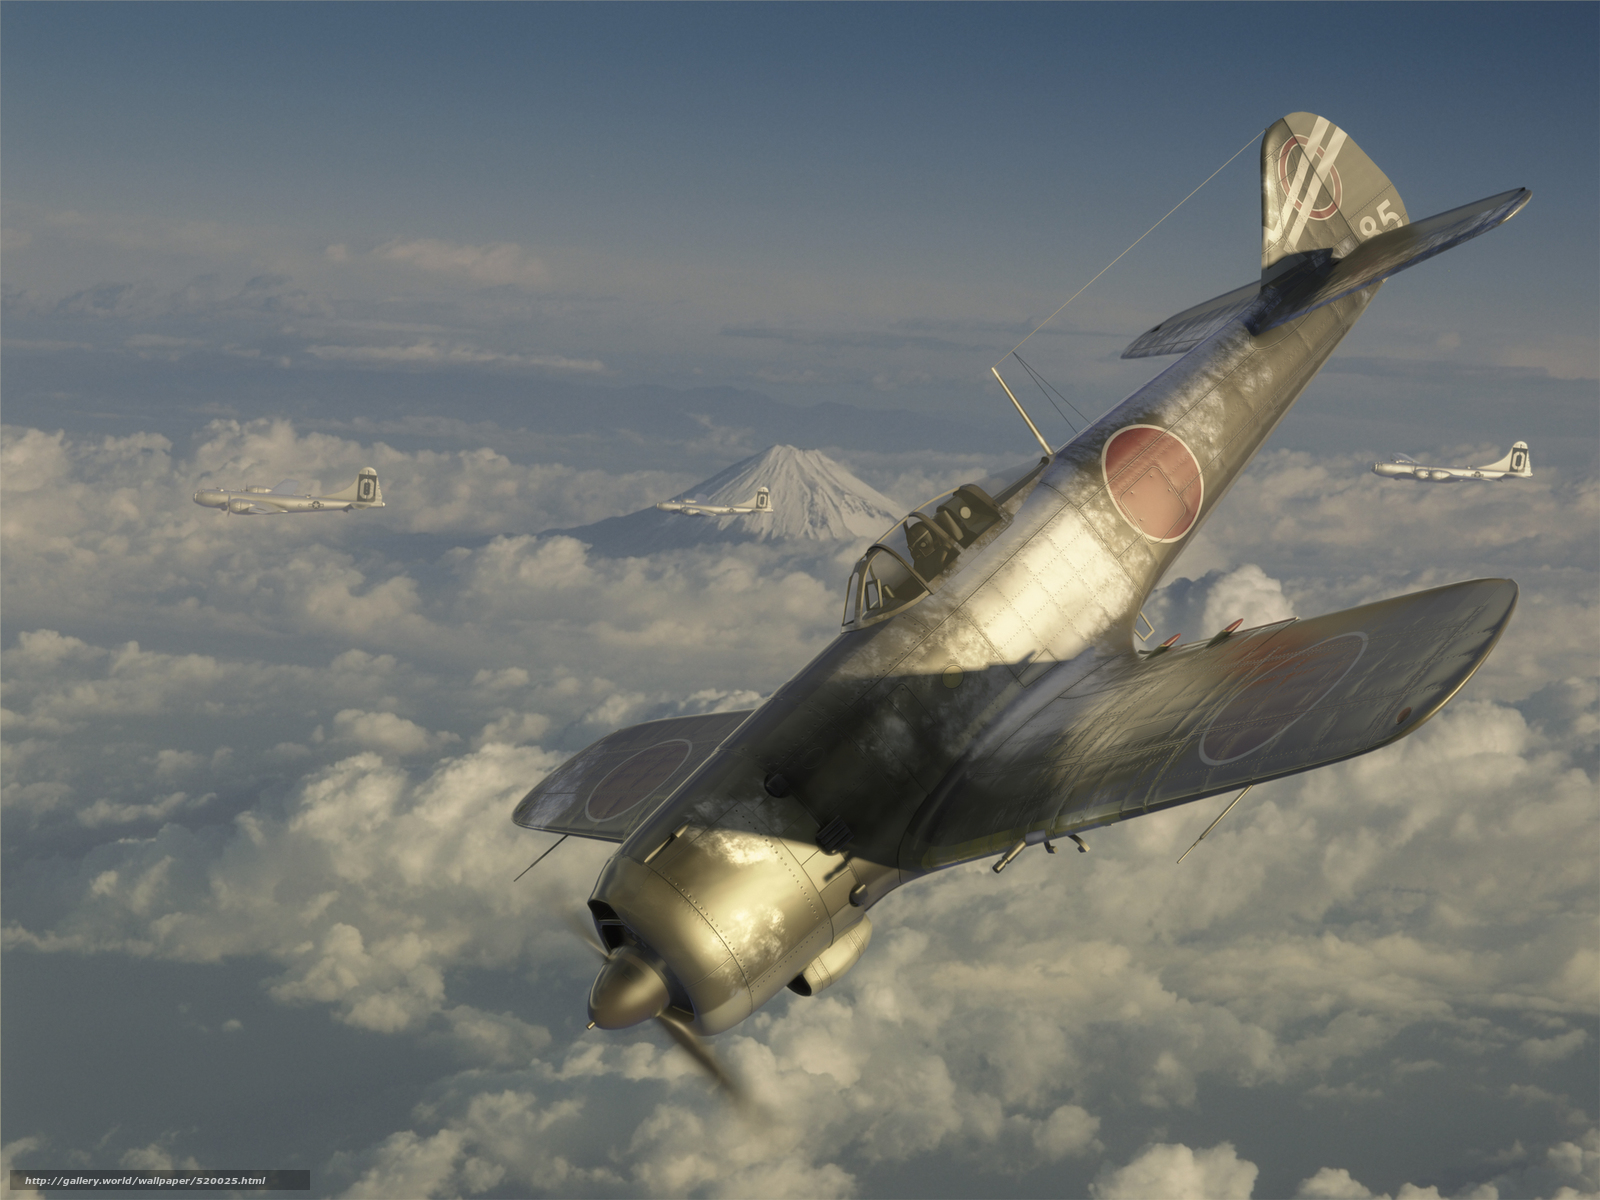 Скачать обои арт,  самолеты,  в небе,  полет бесплатно для рабочего стола в разрешении 2500x1875 — картинка №520025